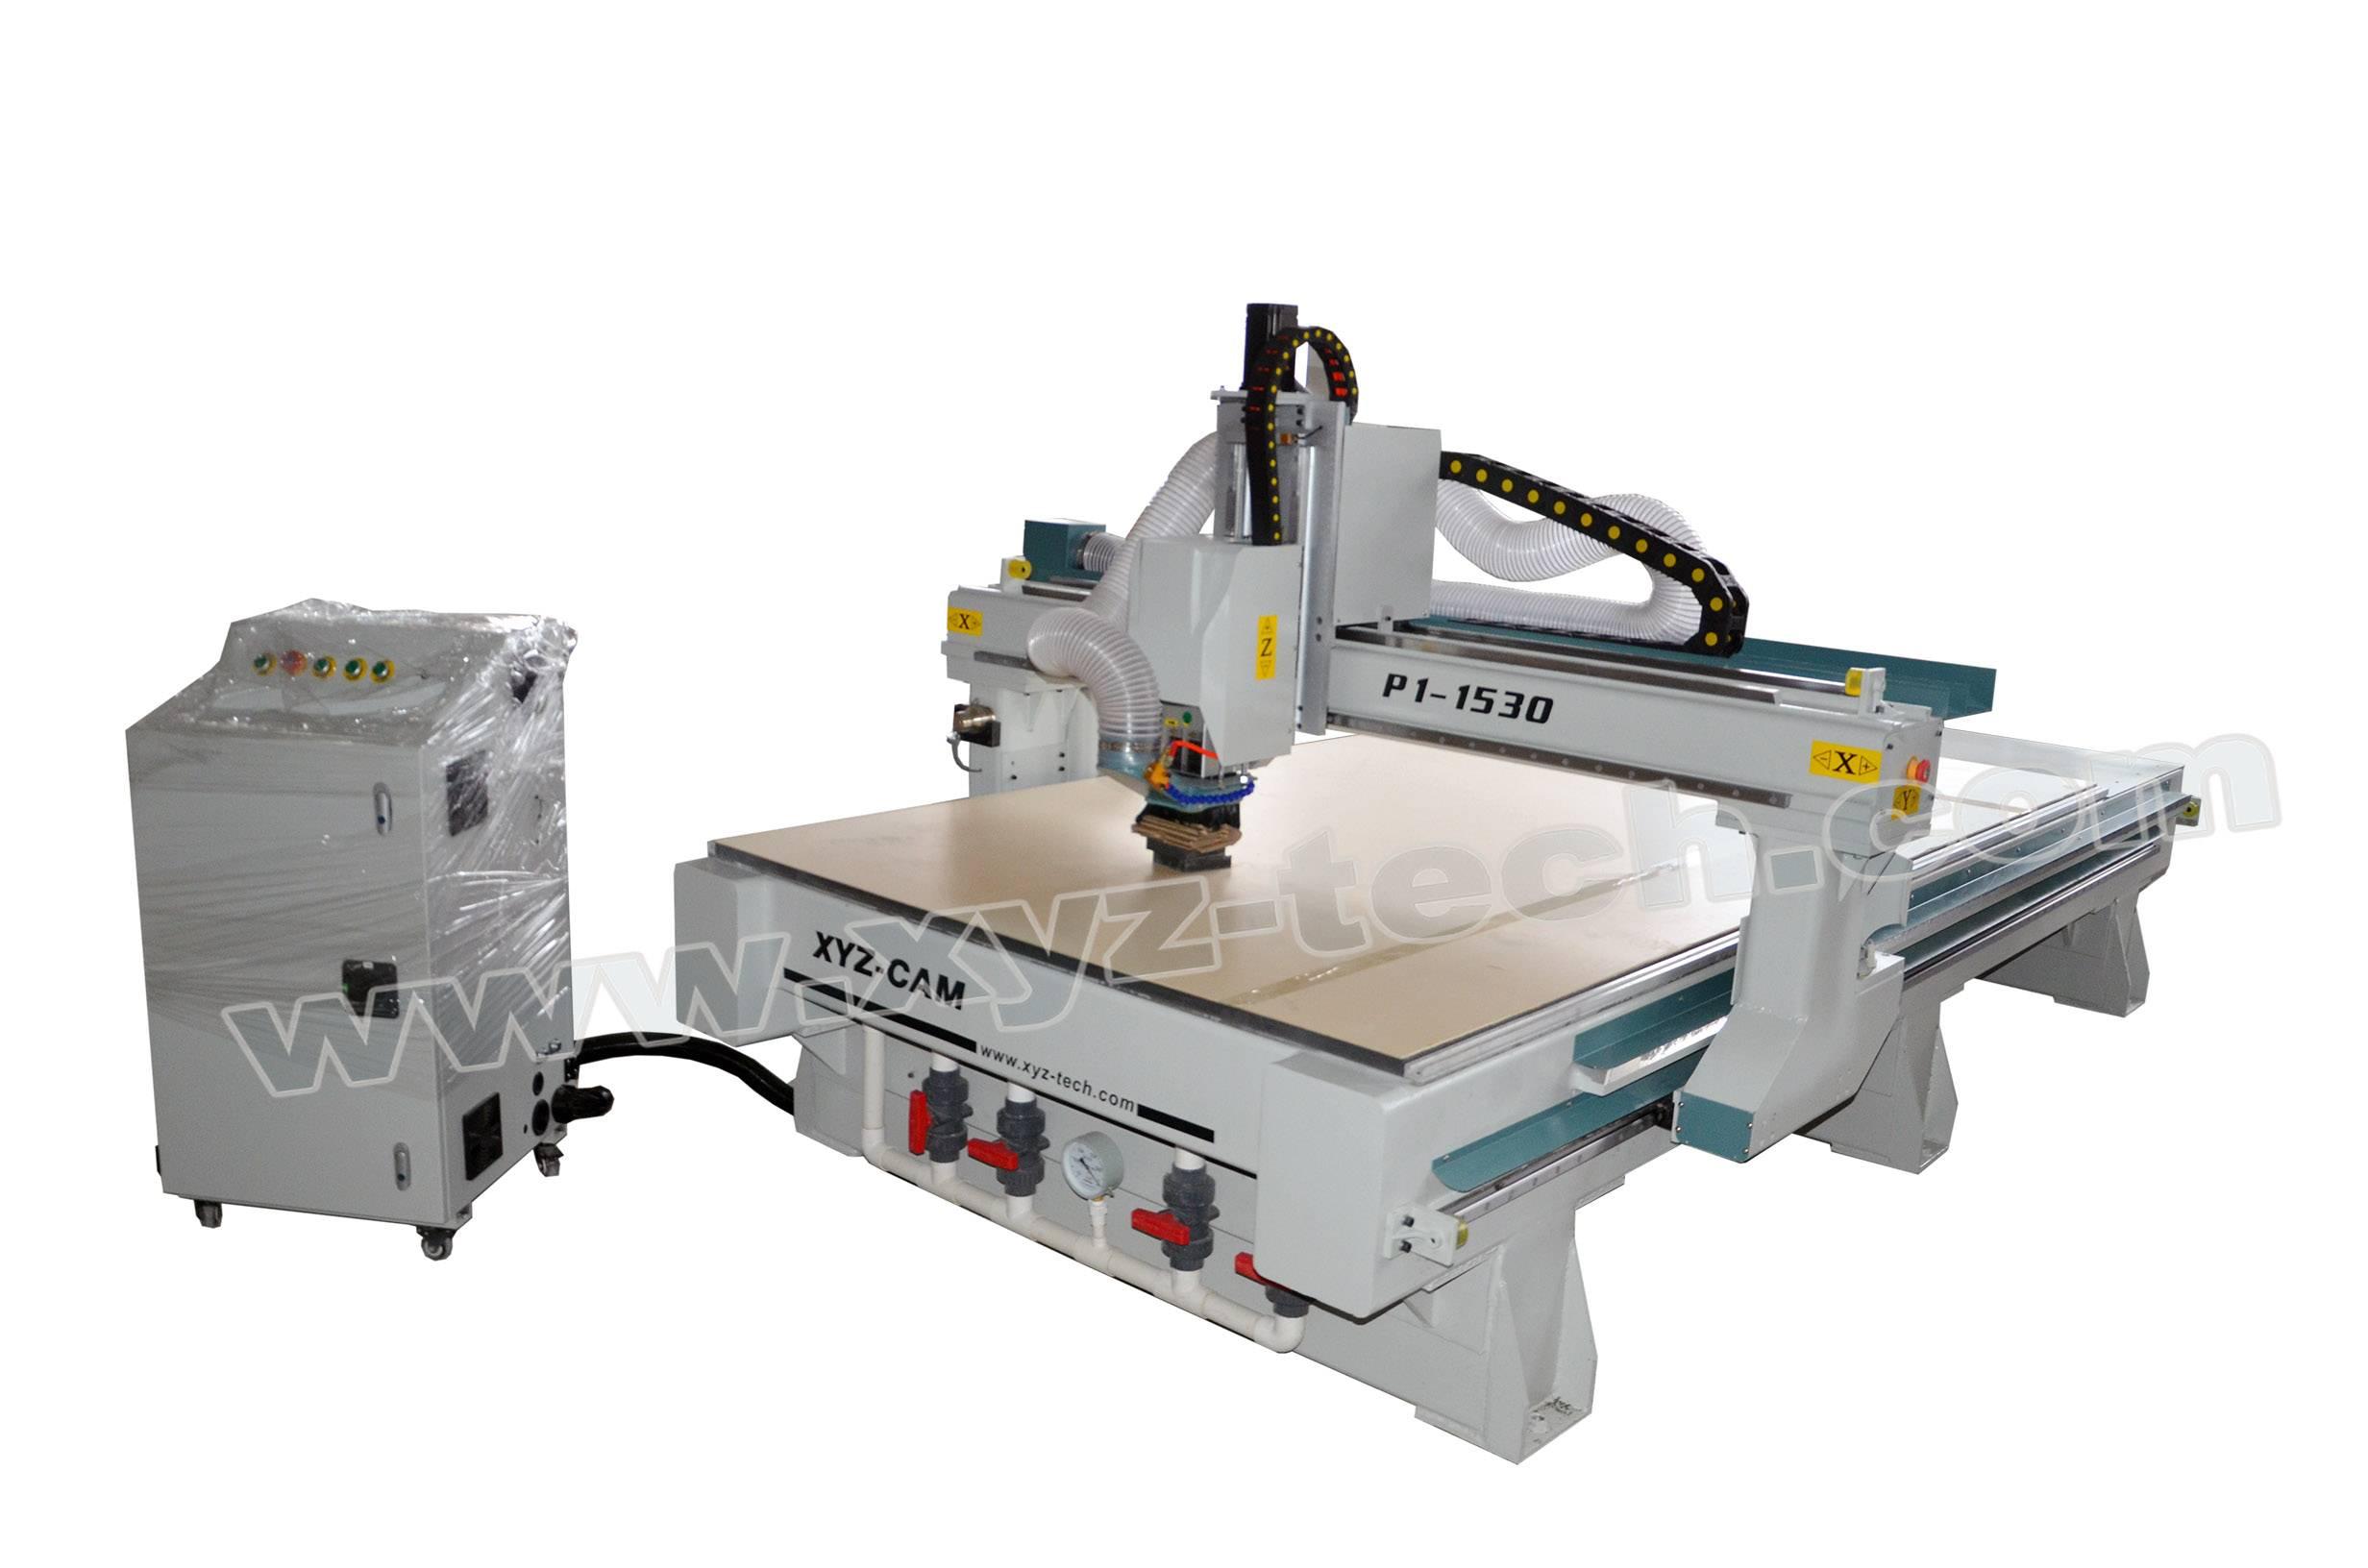 XYZ-CAM P1 CNC ROUTER